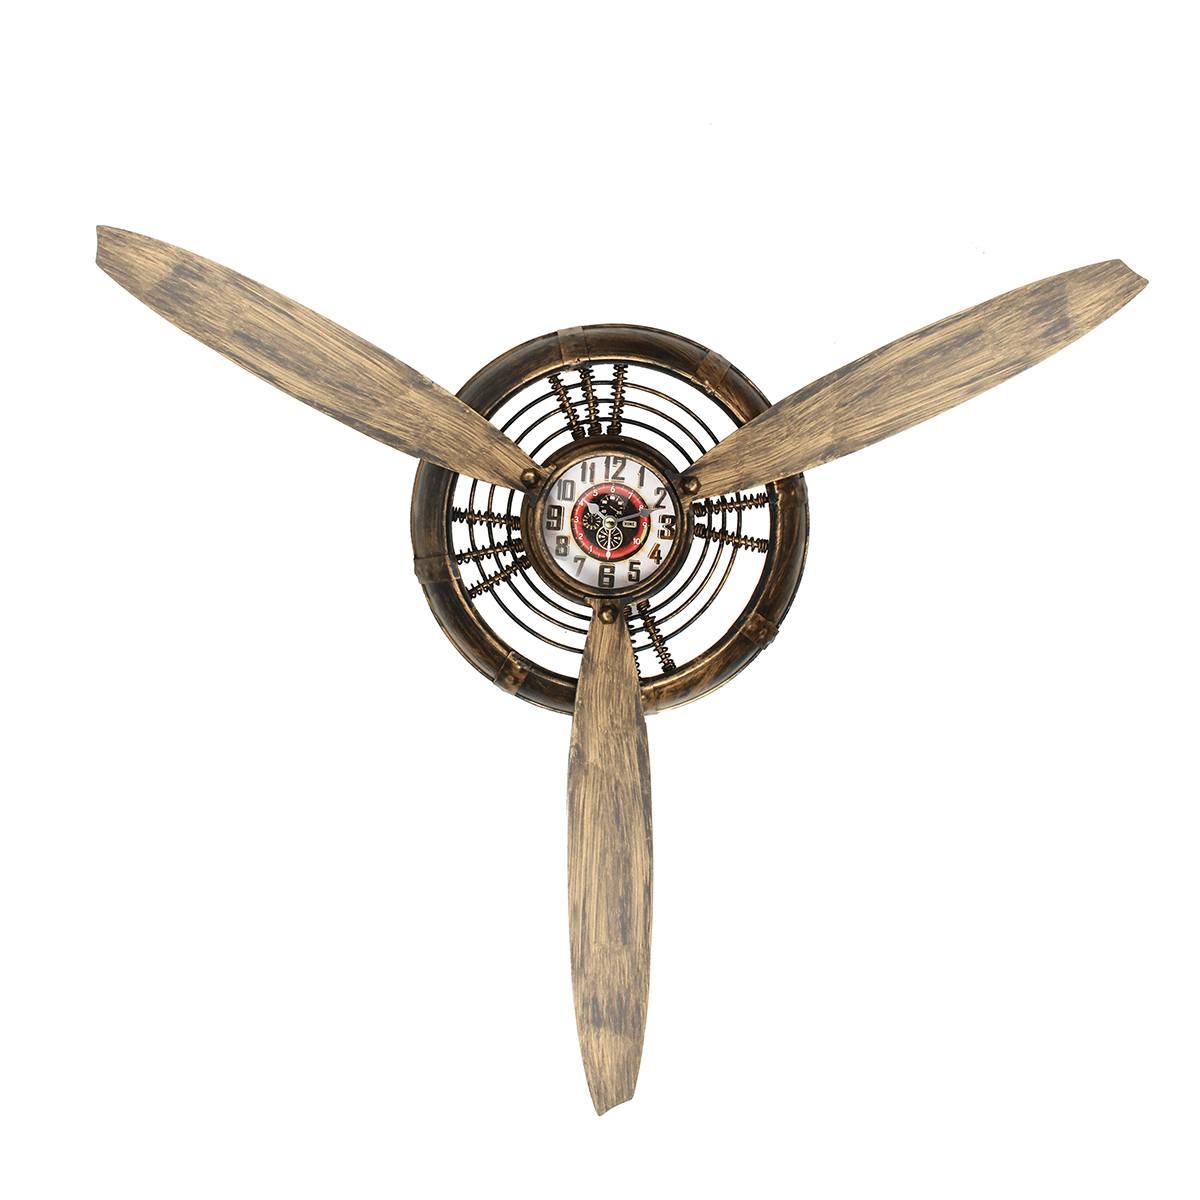 Reloj de pared metal decorativo Estilo Vintage Bar hogar Decoración Para sala de estar aire avión hélice Europa Industrial adorno colgante en la pared arte